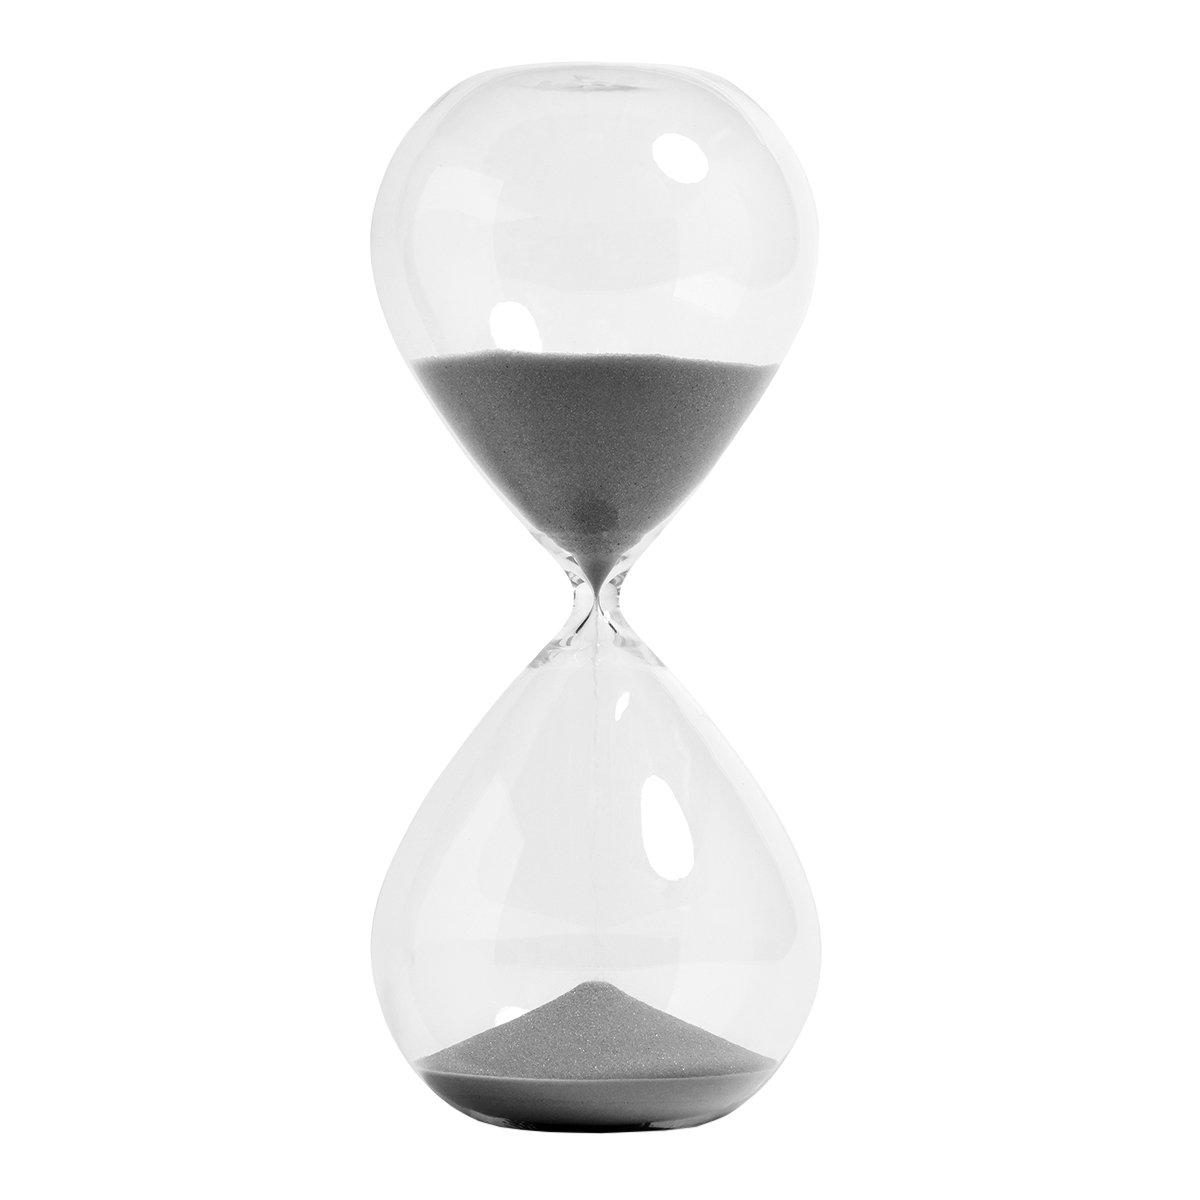 HAY Time XXXL Round Zandloper - Zilver